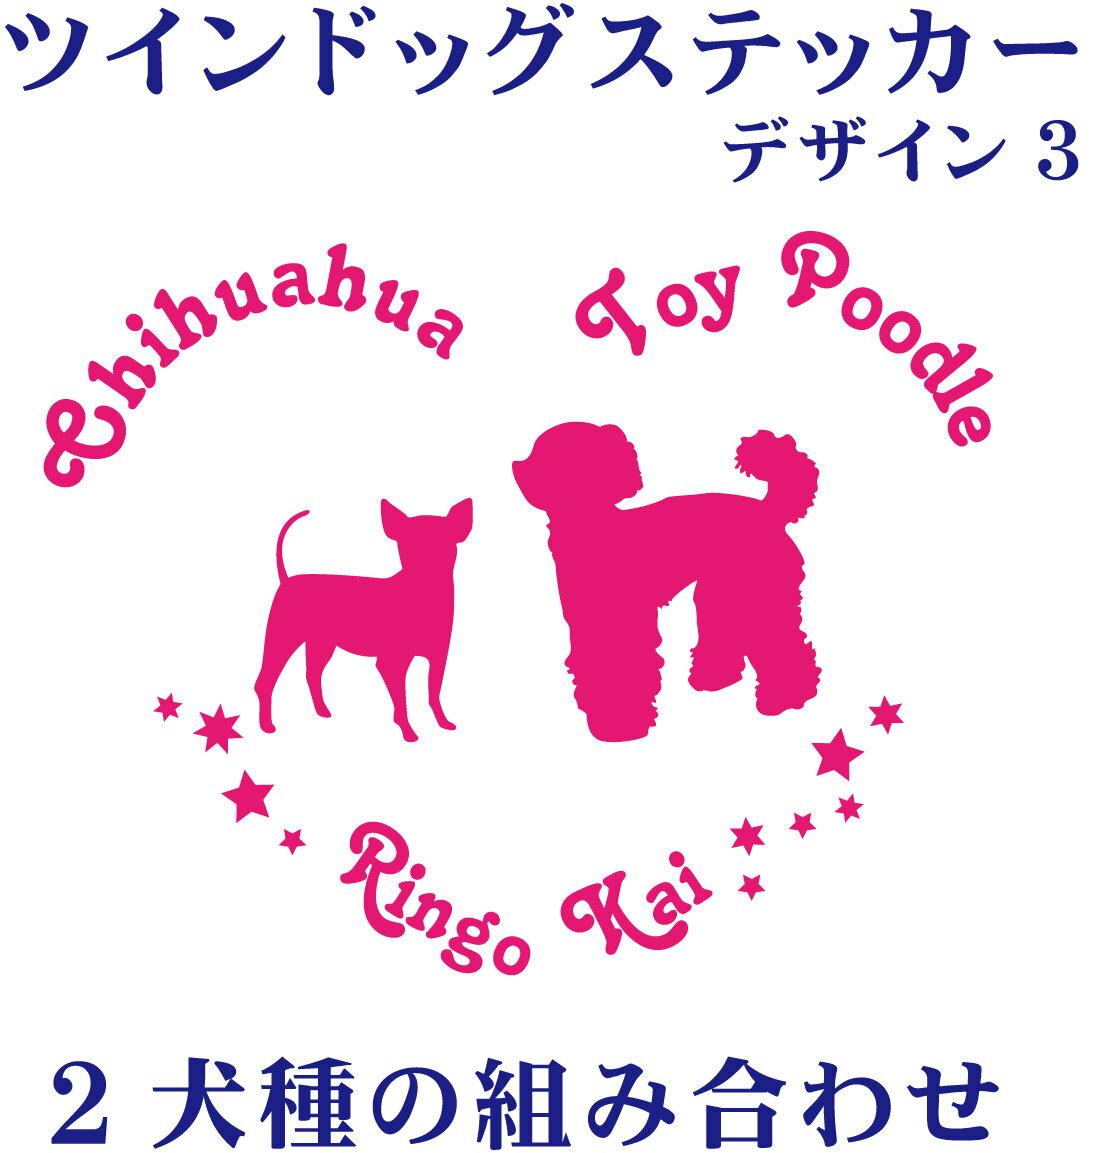 ツインステッカー 2犬種 車 ステッカー 犬 ダブル 2頭 2匹 ツイン かわいい 転写式 窓 可愛い 車ステッカー dog ドッグ イヌ いぬ ペット シルエット 3 カッティングシート デザイン工房